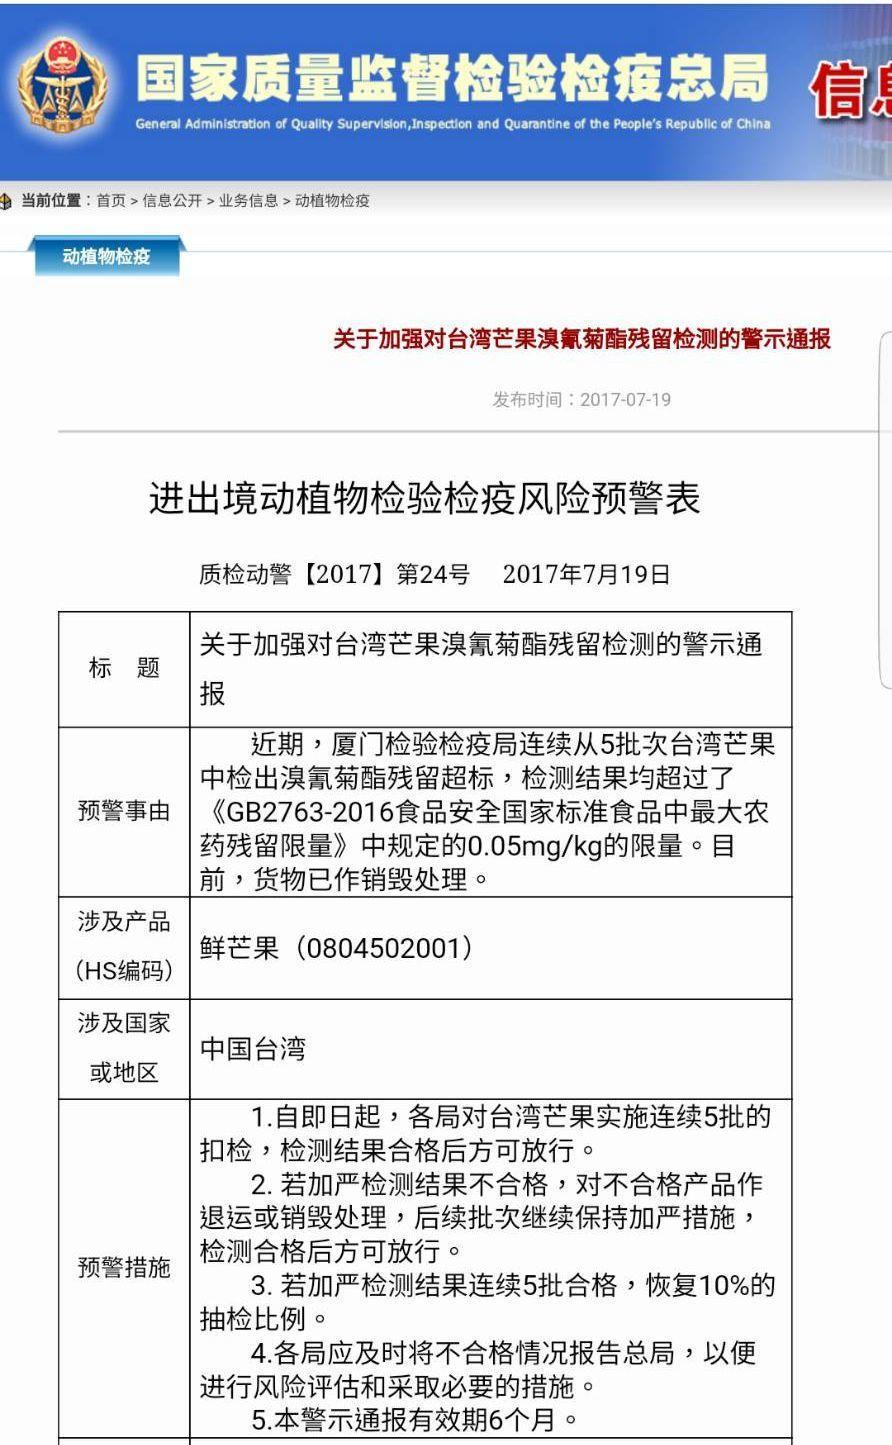 大陸國家質量監督檢疫檢驗總局(類似我國防檢局),在本月19日發出「關於加強對台灣...